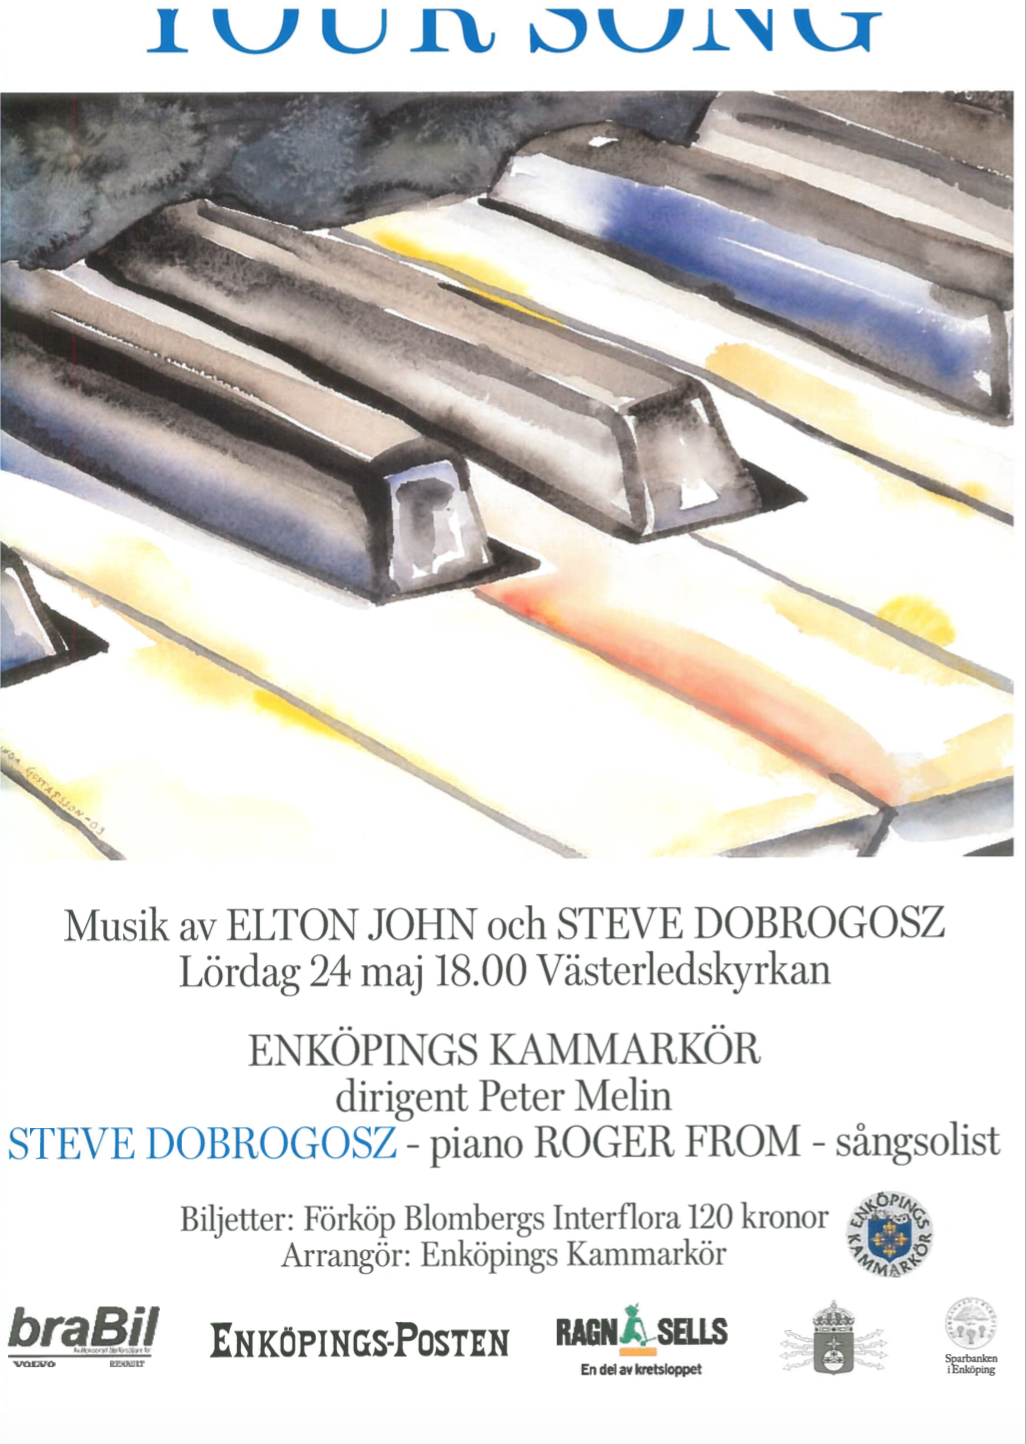 2003-affisch-your-song-med-enkopings-kammarkor